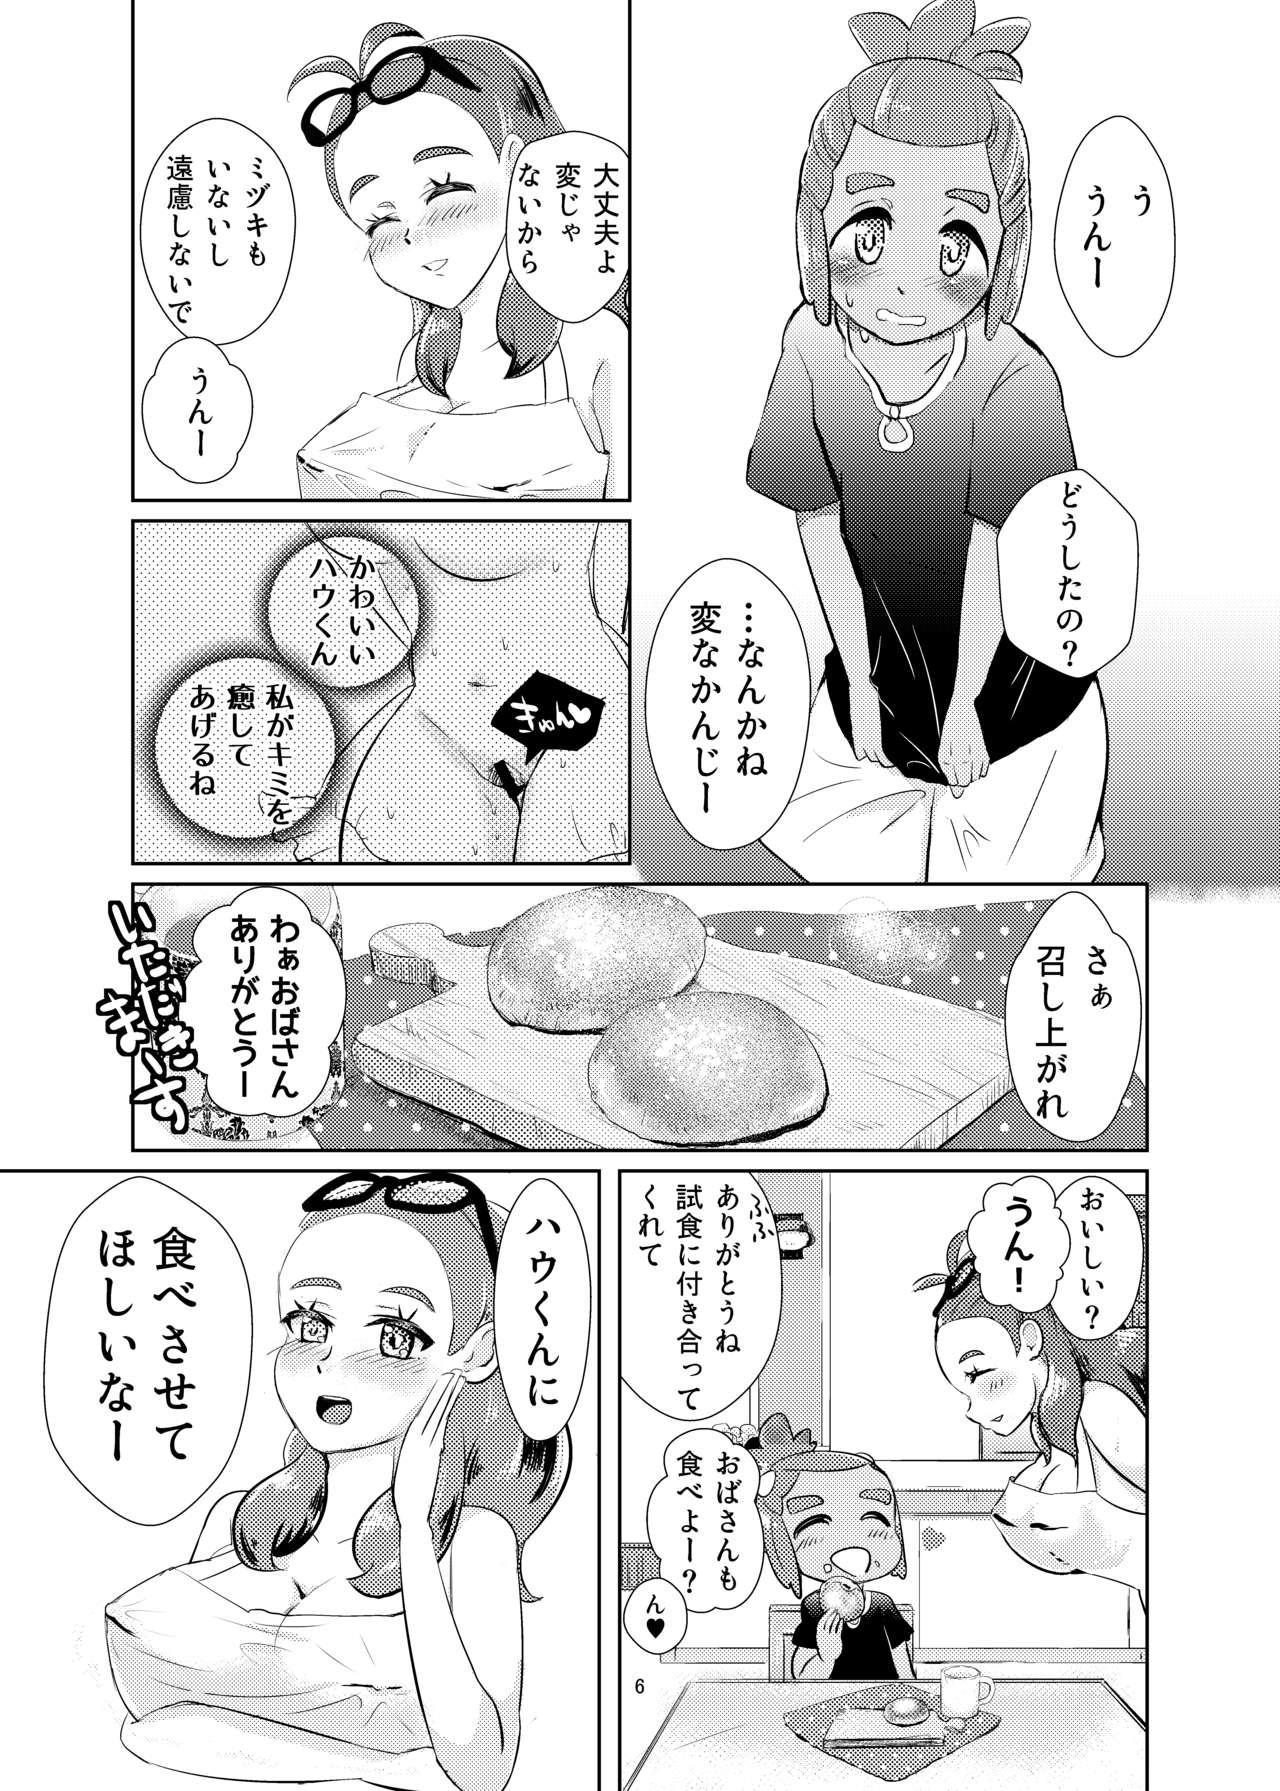 Hau-kun, Miduki yori saki ni Otona ni Nacchao 4